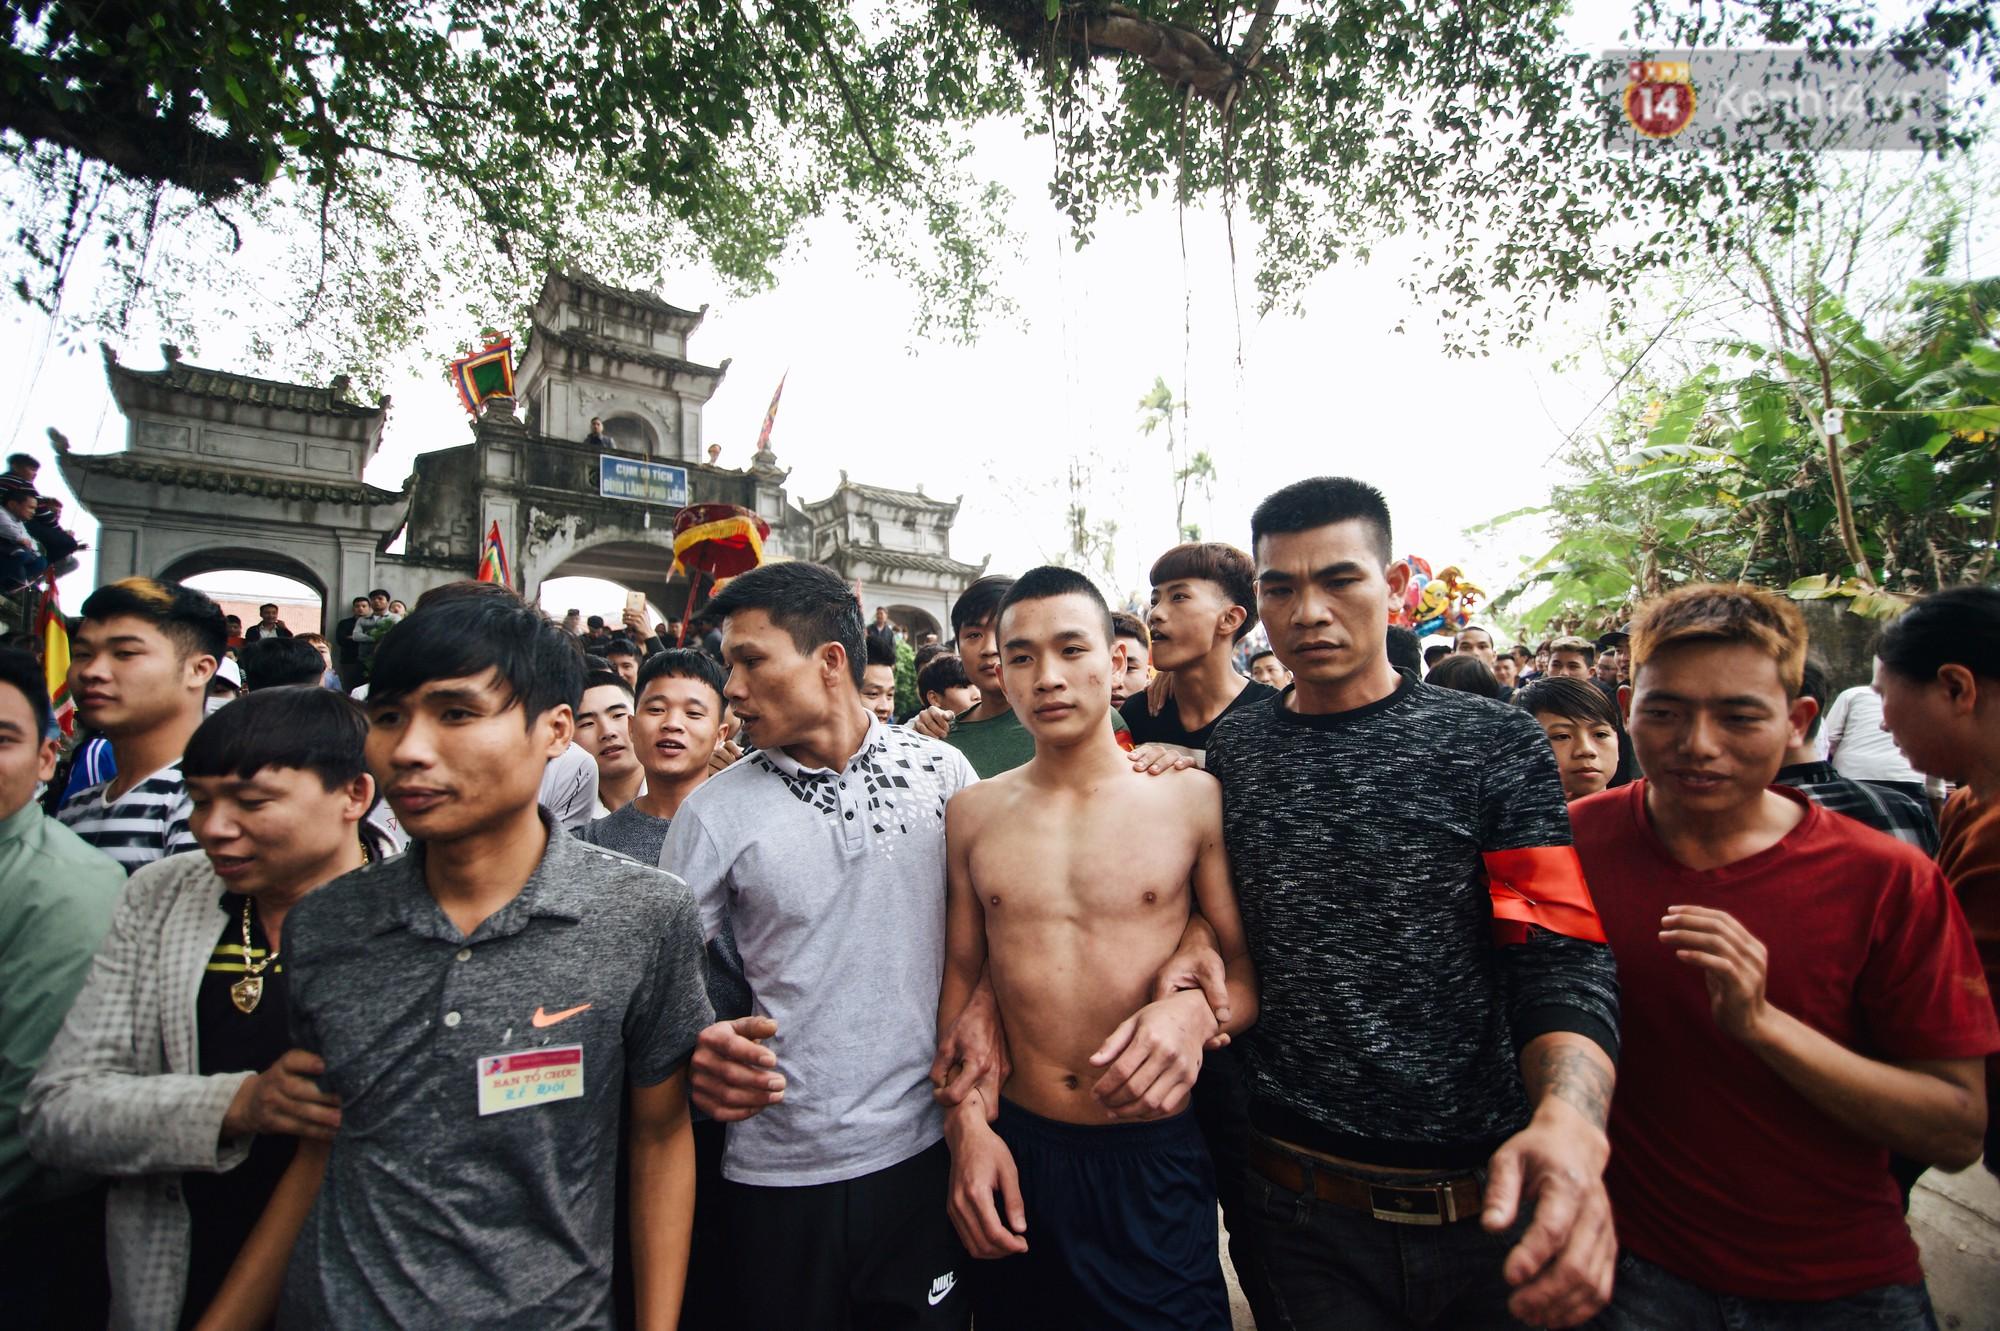 Hàng trăm thanh niên giẫm đạp, tranh cuớp chiếu thiêng mong sinh con trai - Ảnh 3.